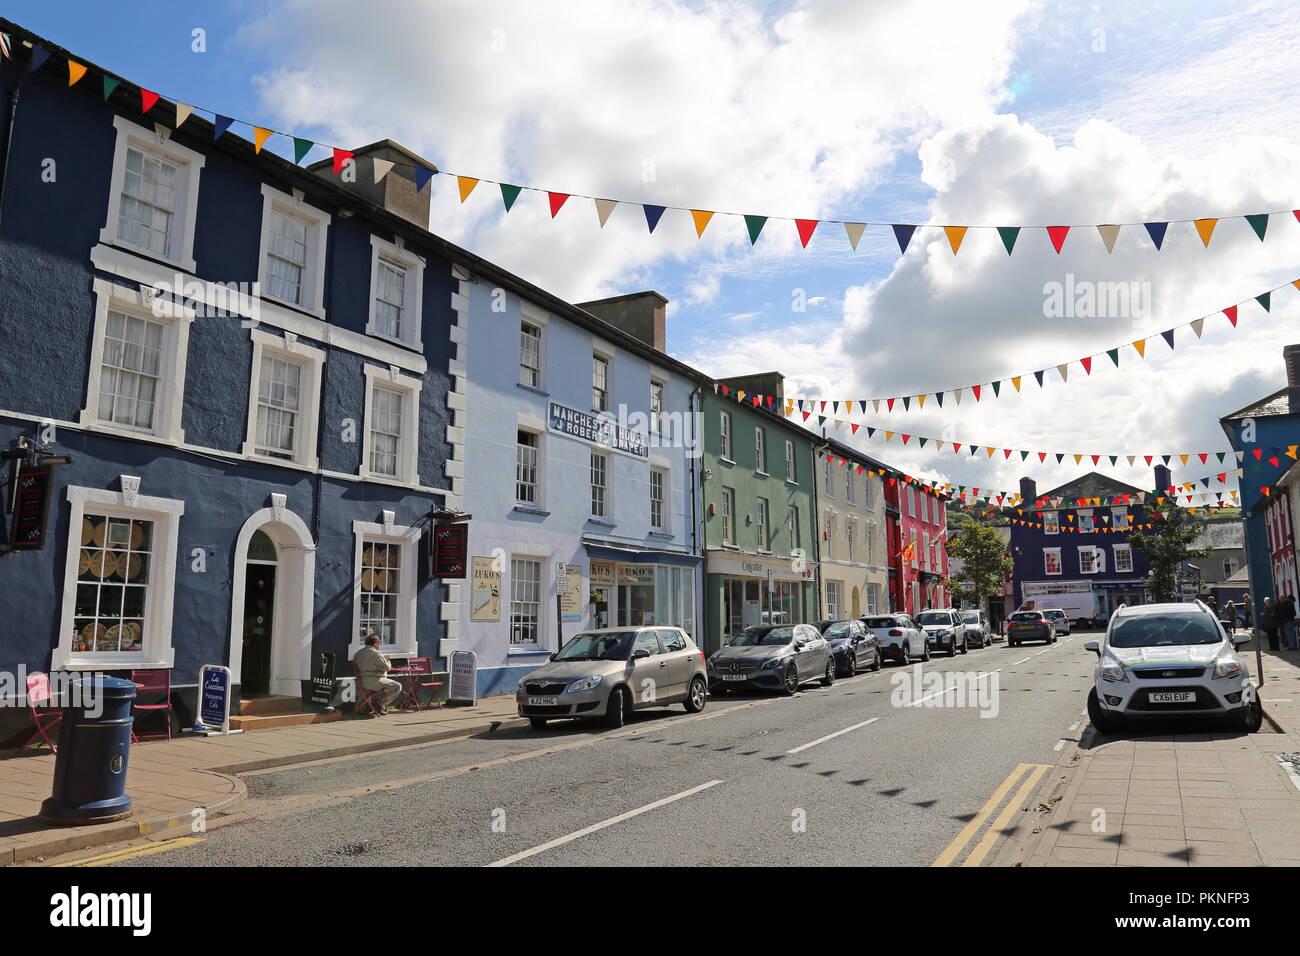 Market Street, Aberaeron, Cardigan Bay, Ceredigion, Wales, Great Britain, United Kingdom, UK, Europe - Stock Image